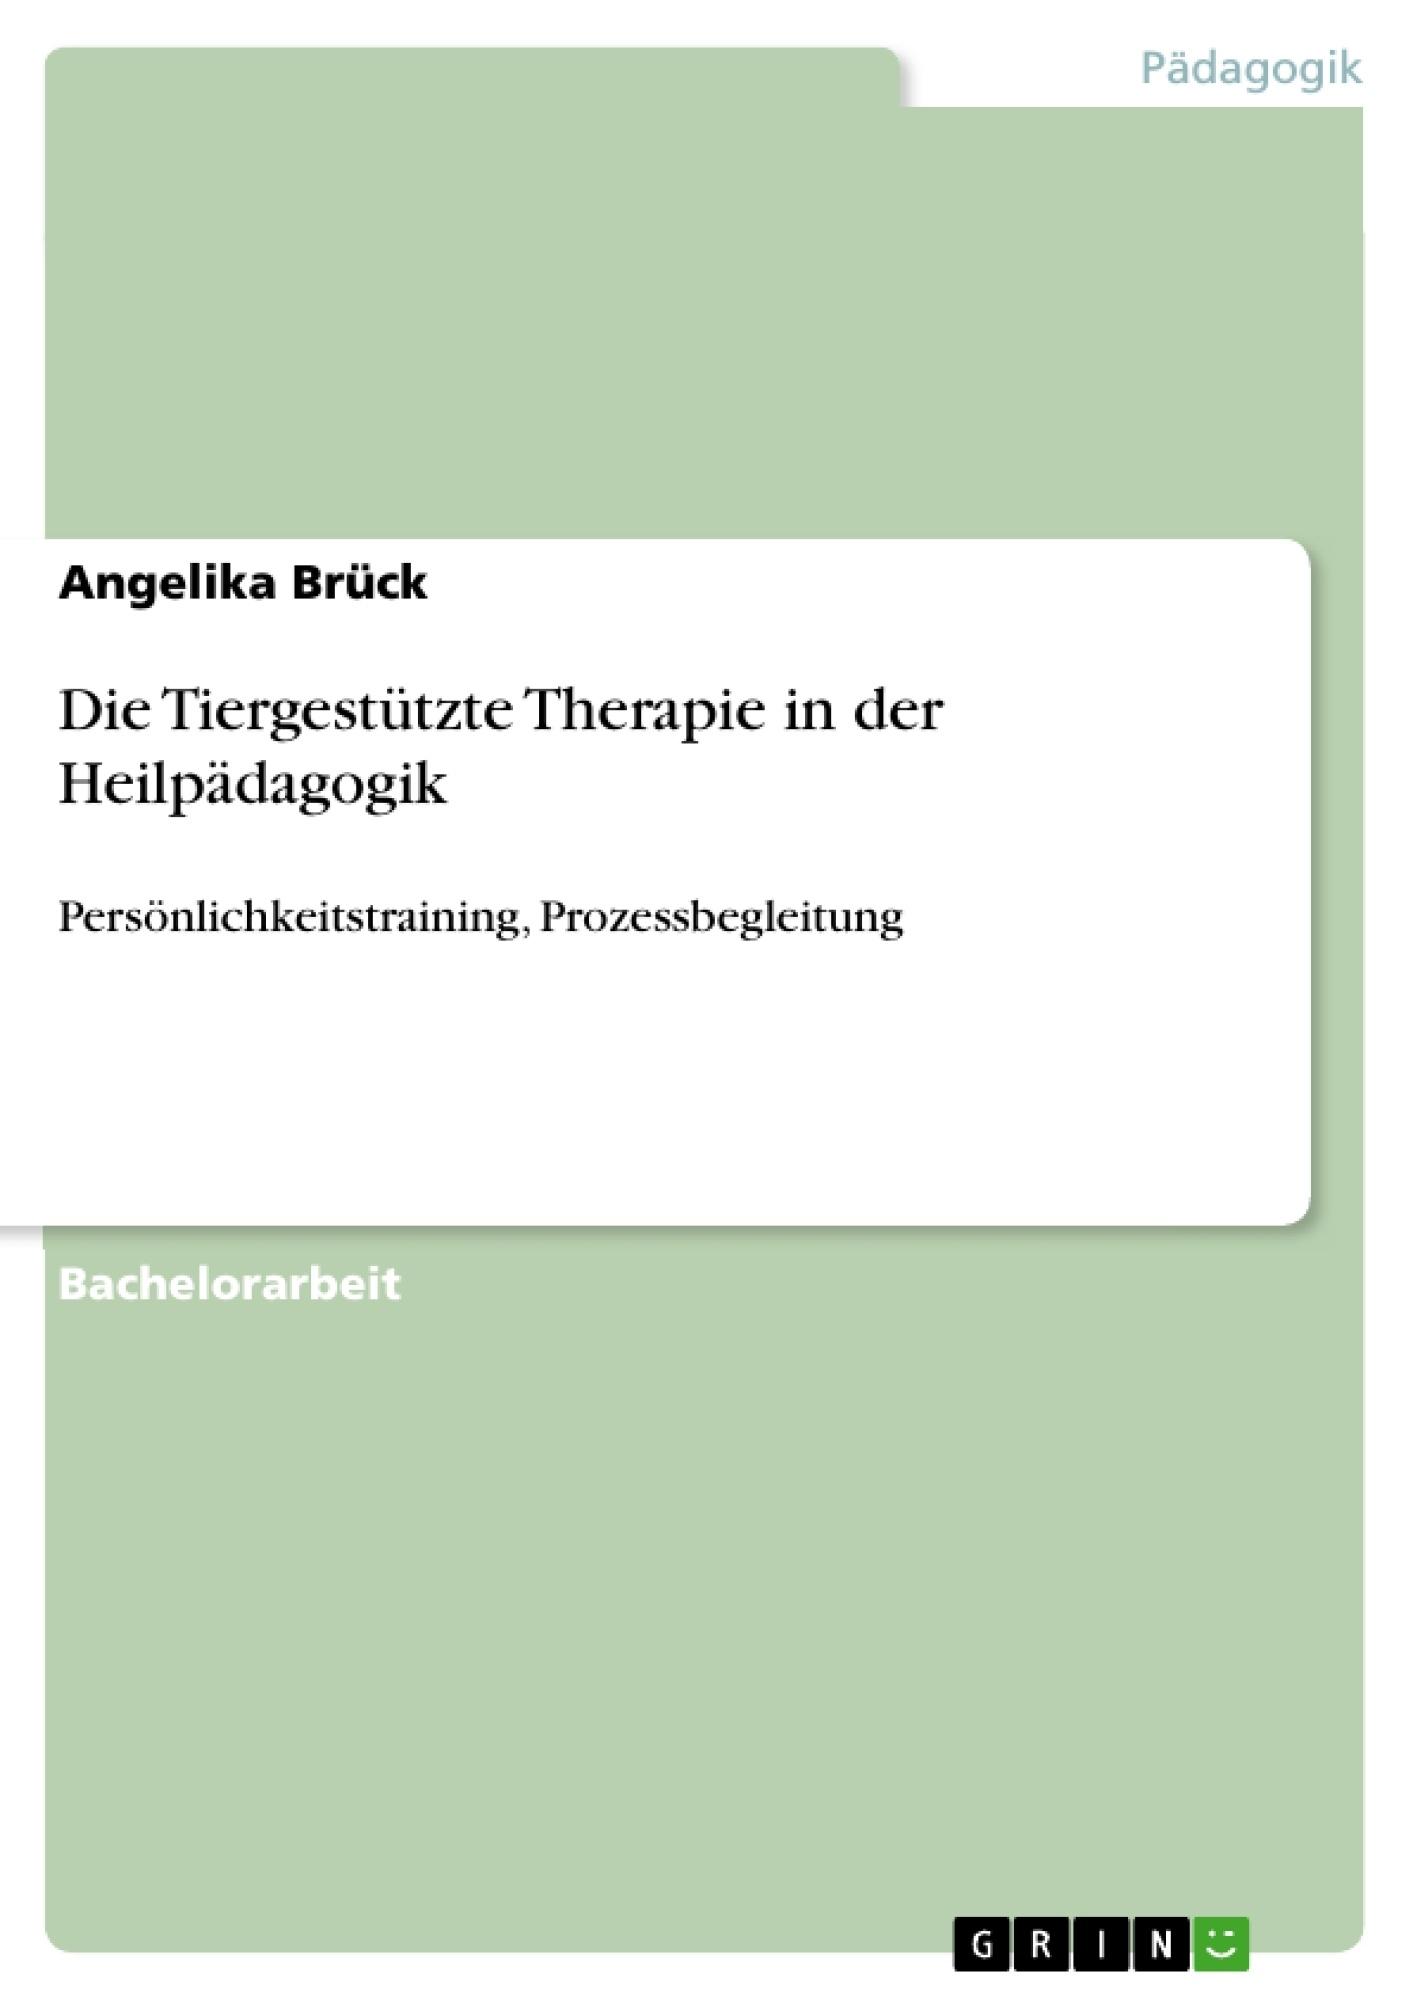 Titel: Die Tiergestützte Therapie in der Heilpädagogik